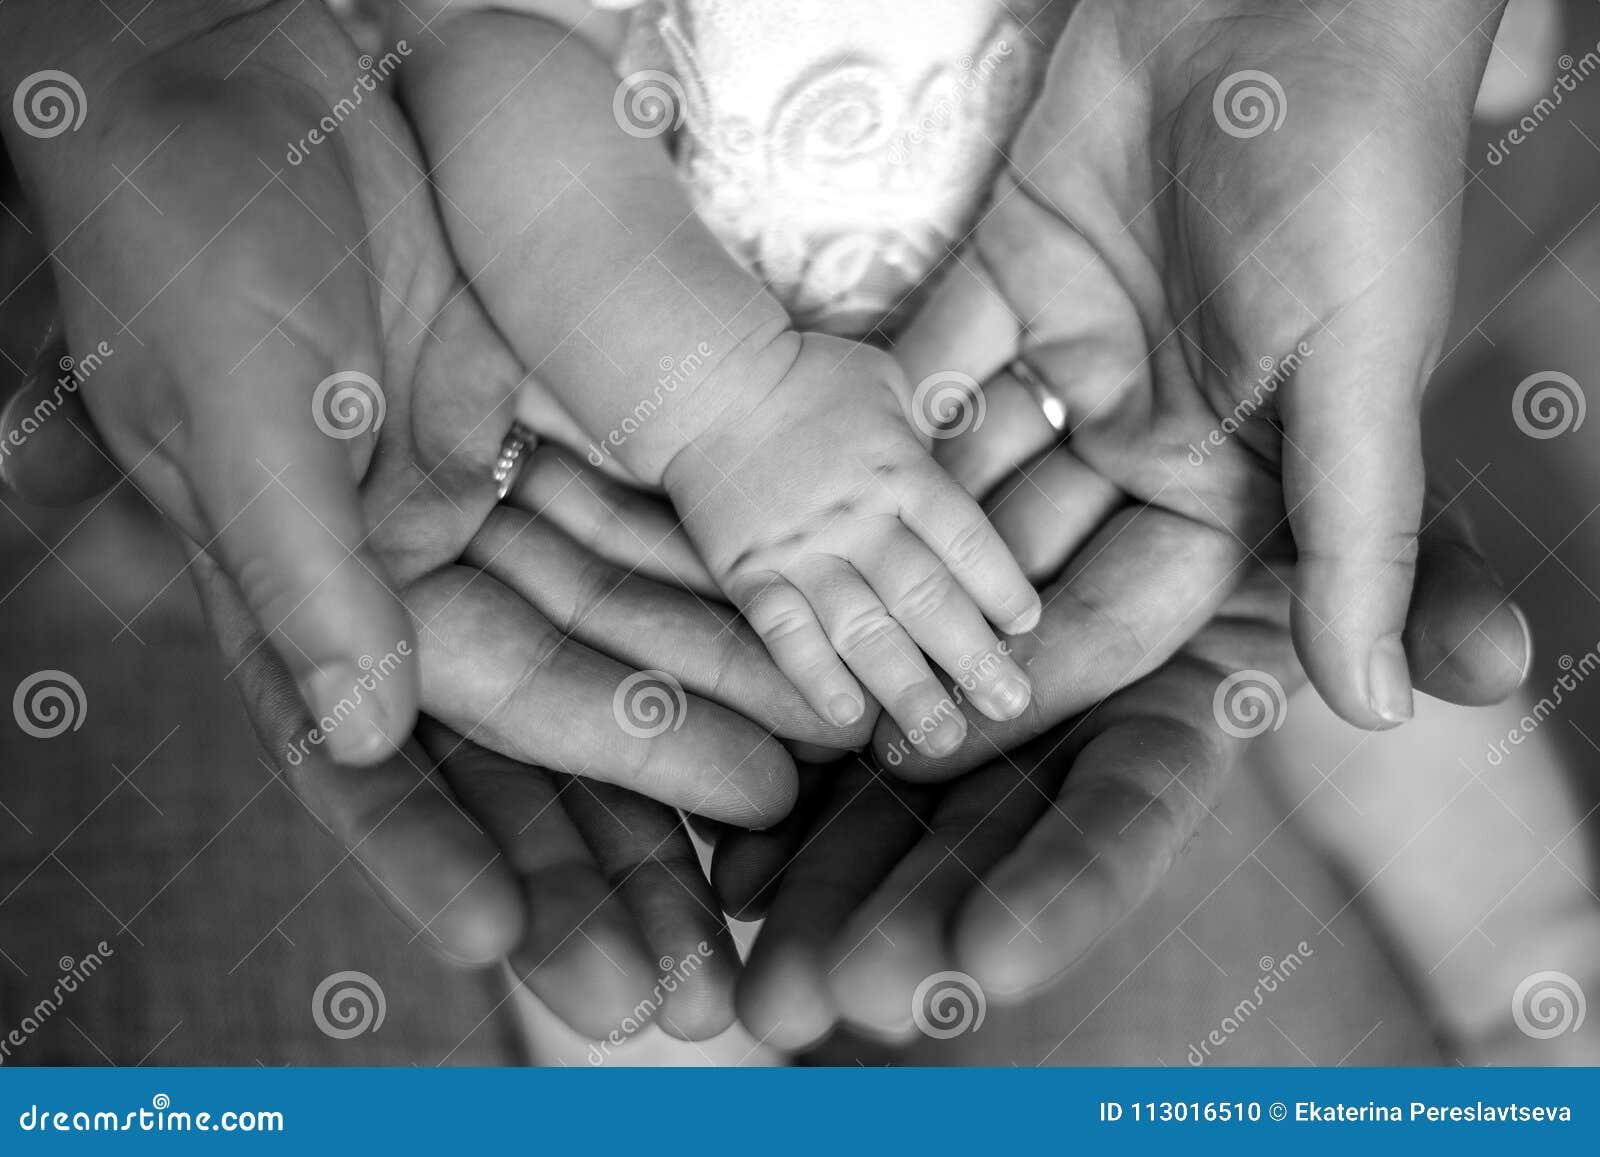 Las manos del padre, madre, guardan al pequeño bebé de los pies Familia feliz amistosa, foto blanco y negro de las familias de la